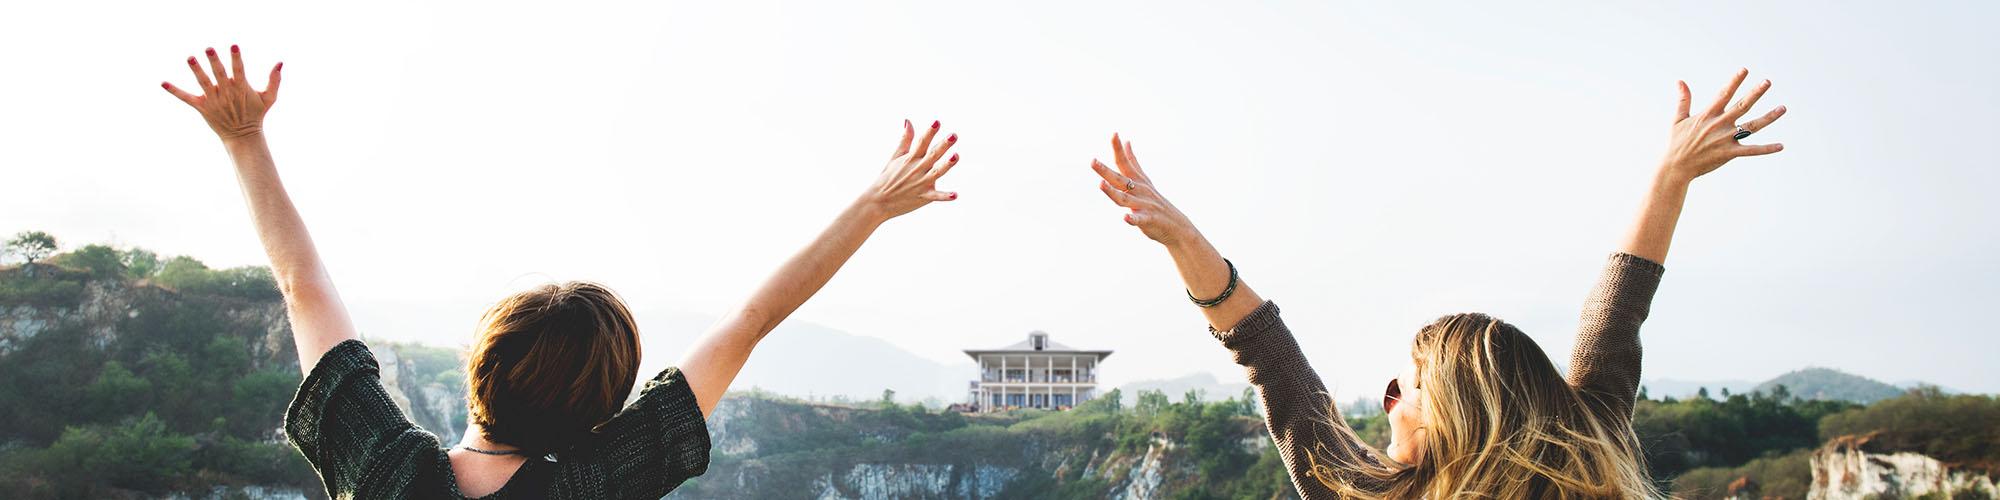 Zwei Frauen und Ihr Traumhaus von Weidenbach Immobilien